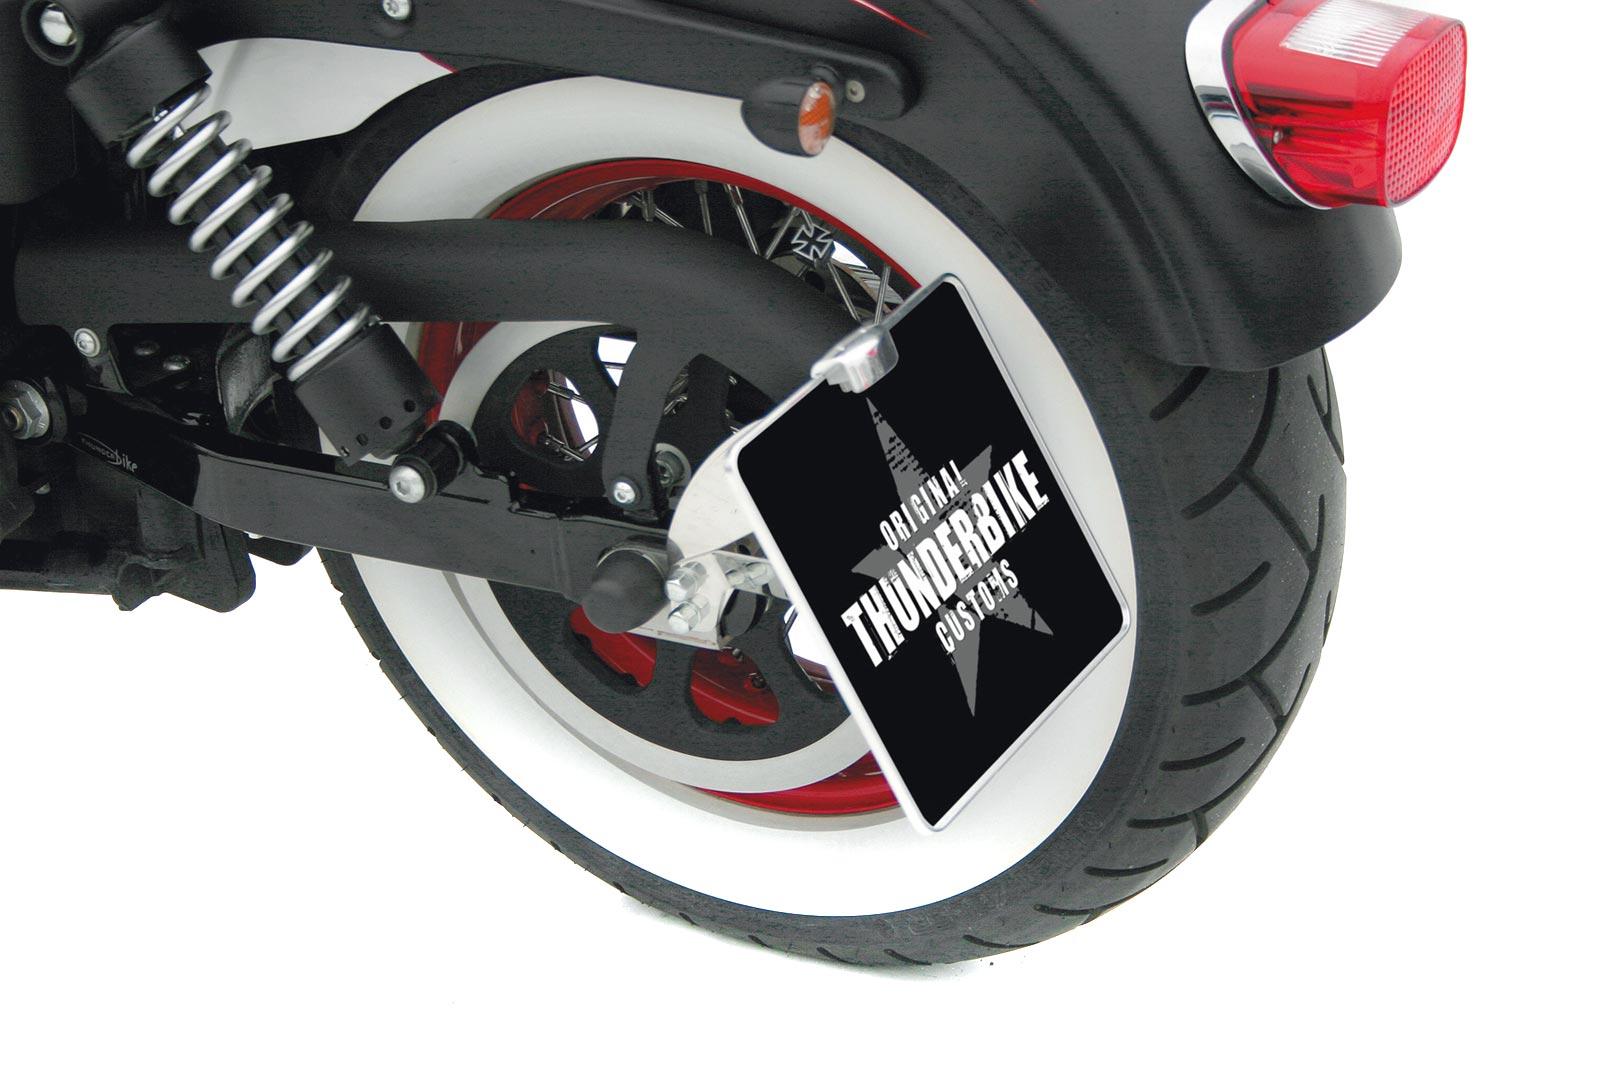 Harley Davidson Sportster Kennzeichenhalter seitlich mit Komplett-Beleuchtung